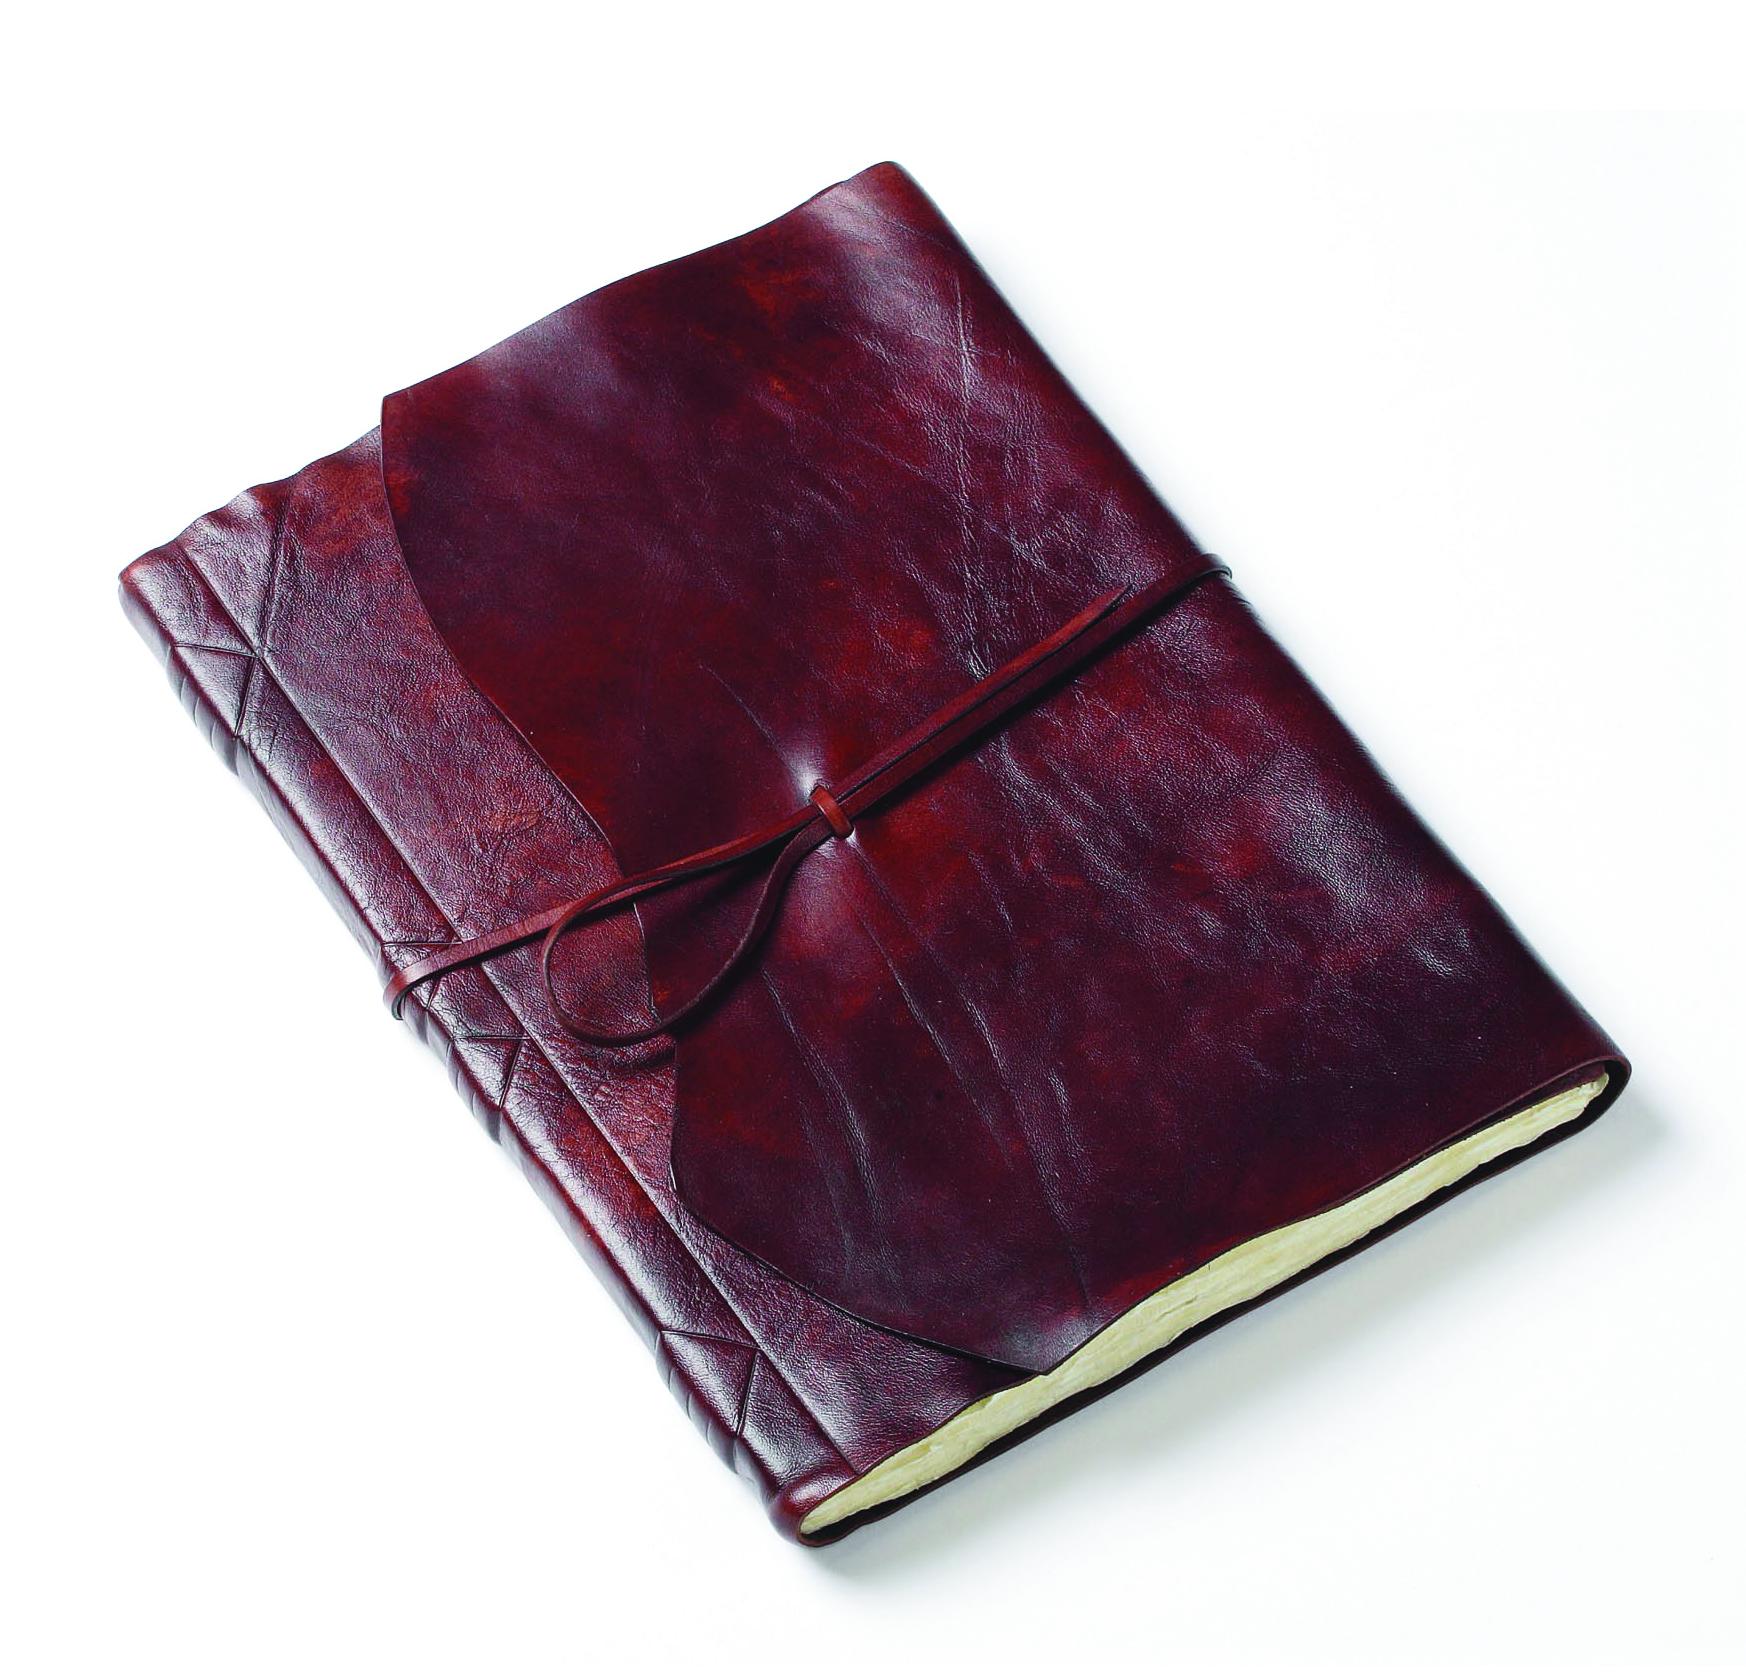 IB-OL-P401 FRN L - Journal Antiqua